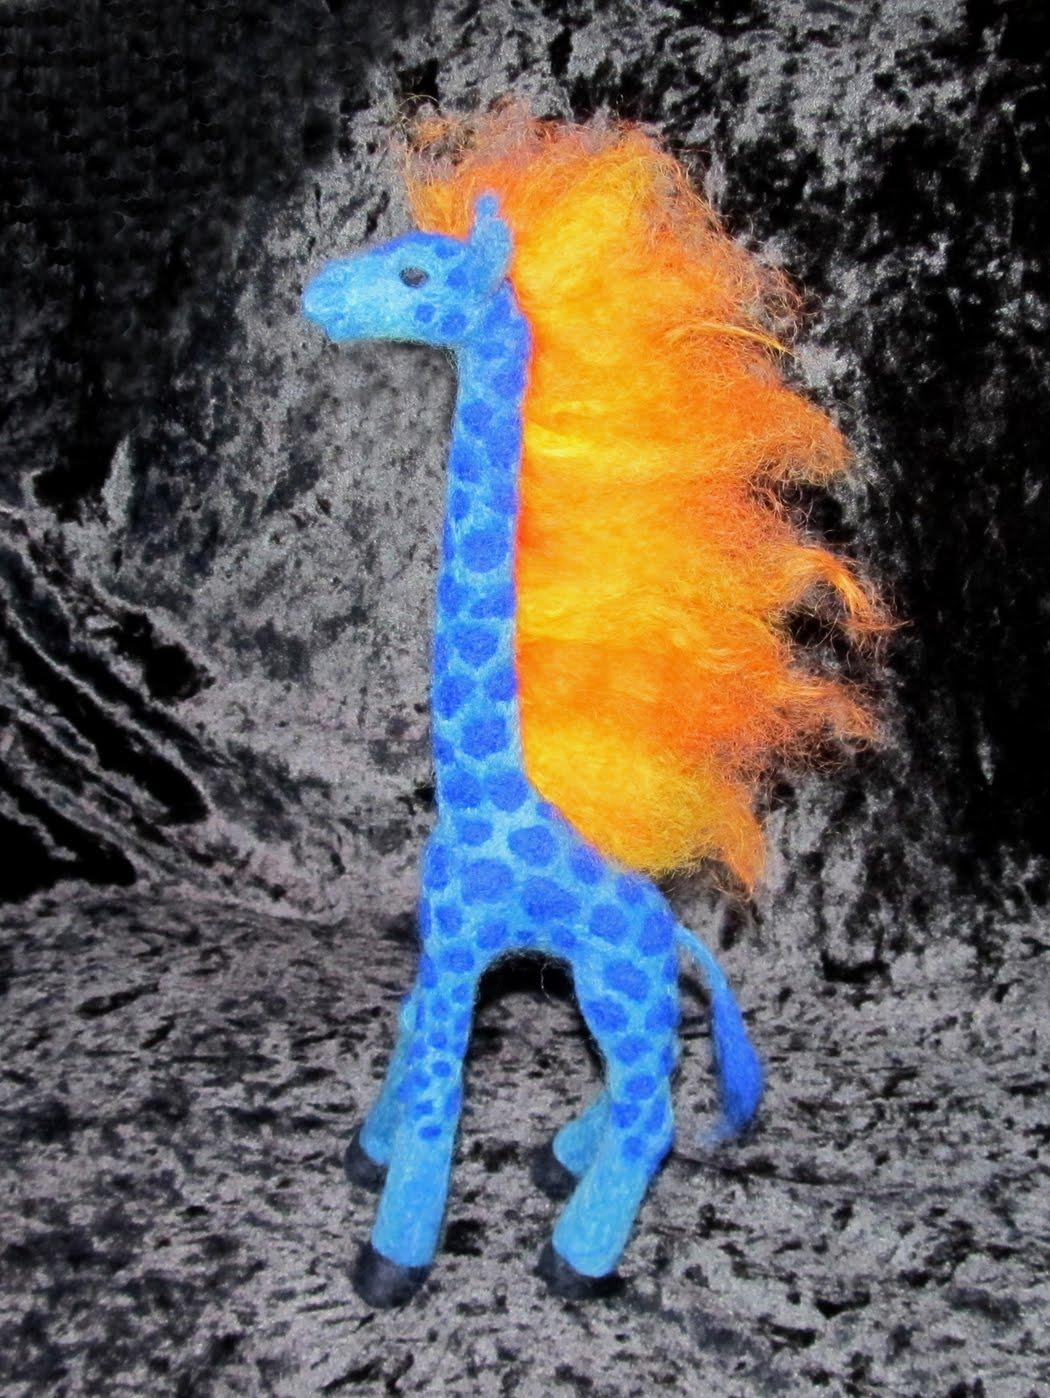 http://2.bp.blogspot.com/-6740XvpxrVY/Tr8POWBXqsI/AAAAAAAACPs/sf5b6rdhXXE/s1600/FlamingGiraffe.jpg